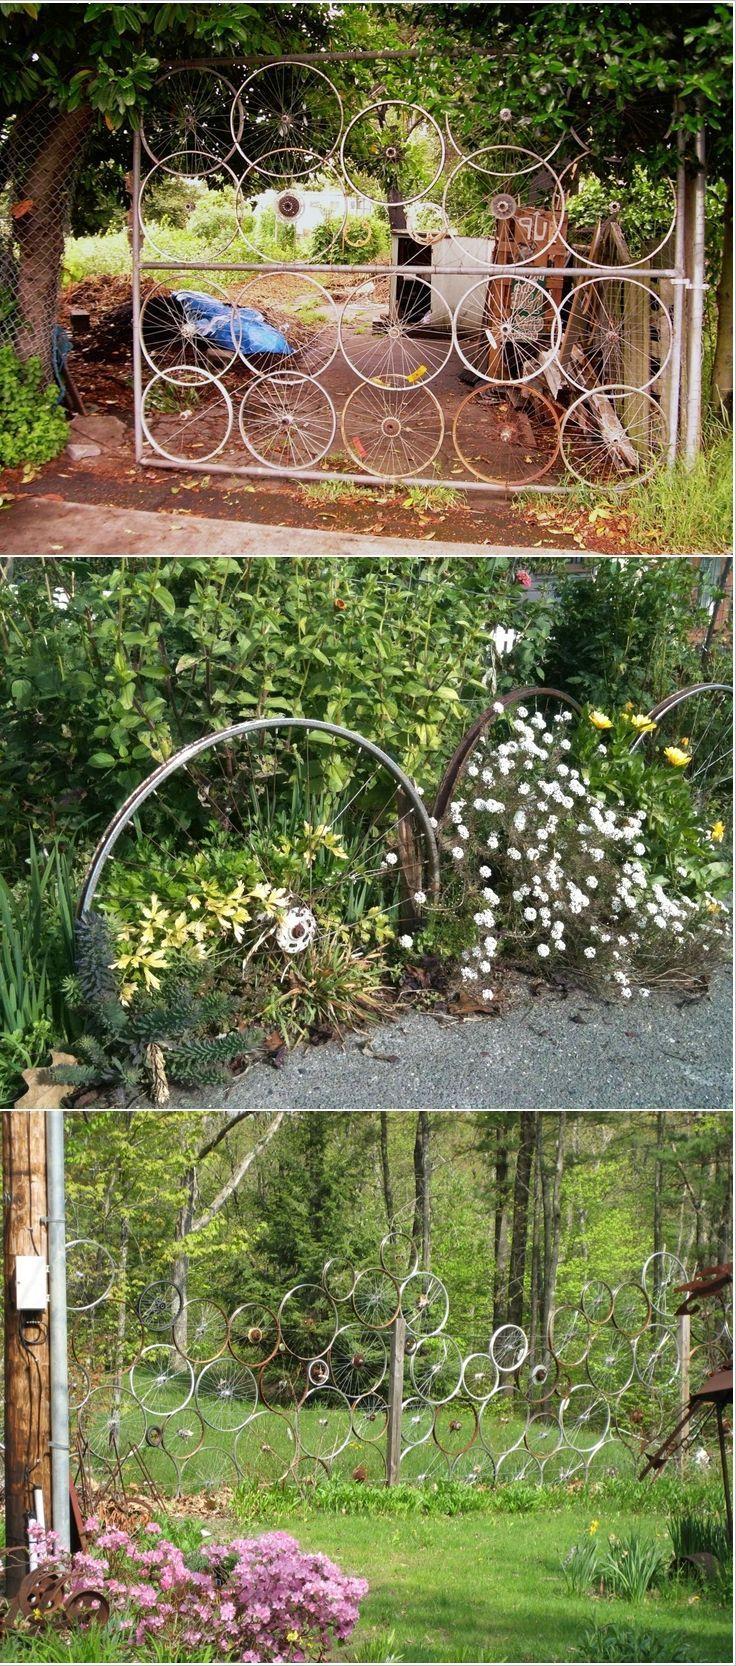 дачные заборы и ограждения из велосипедных колес